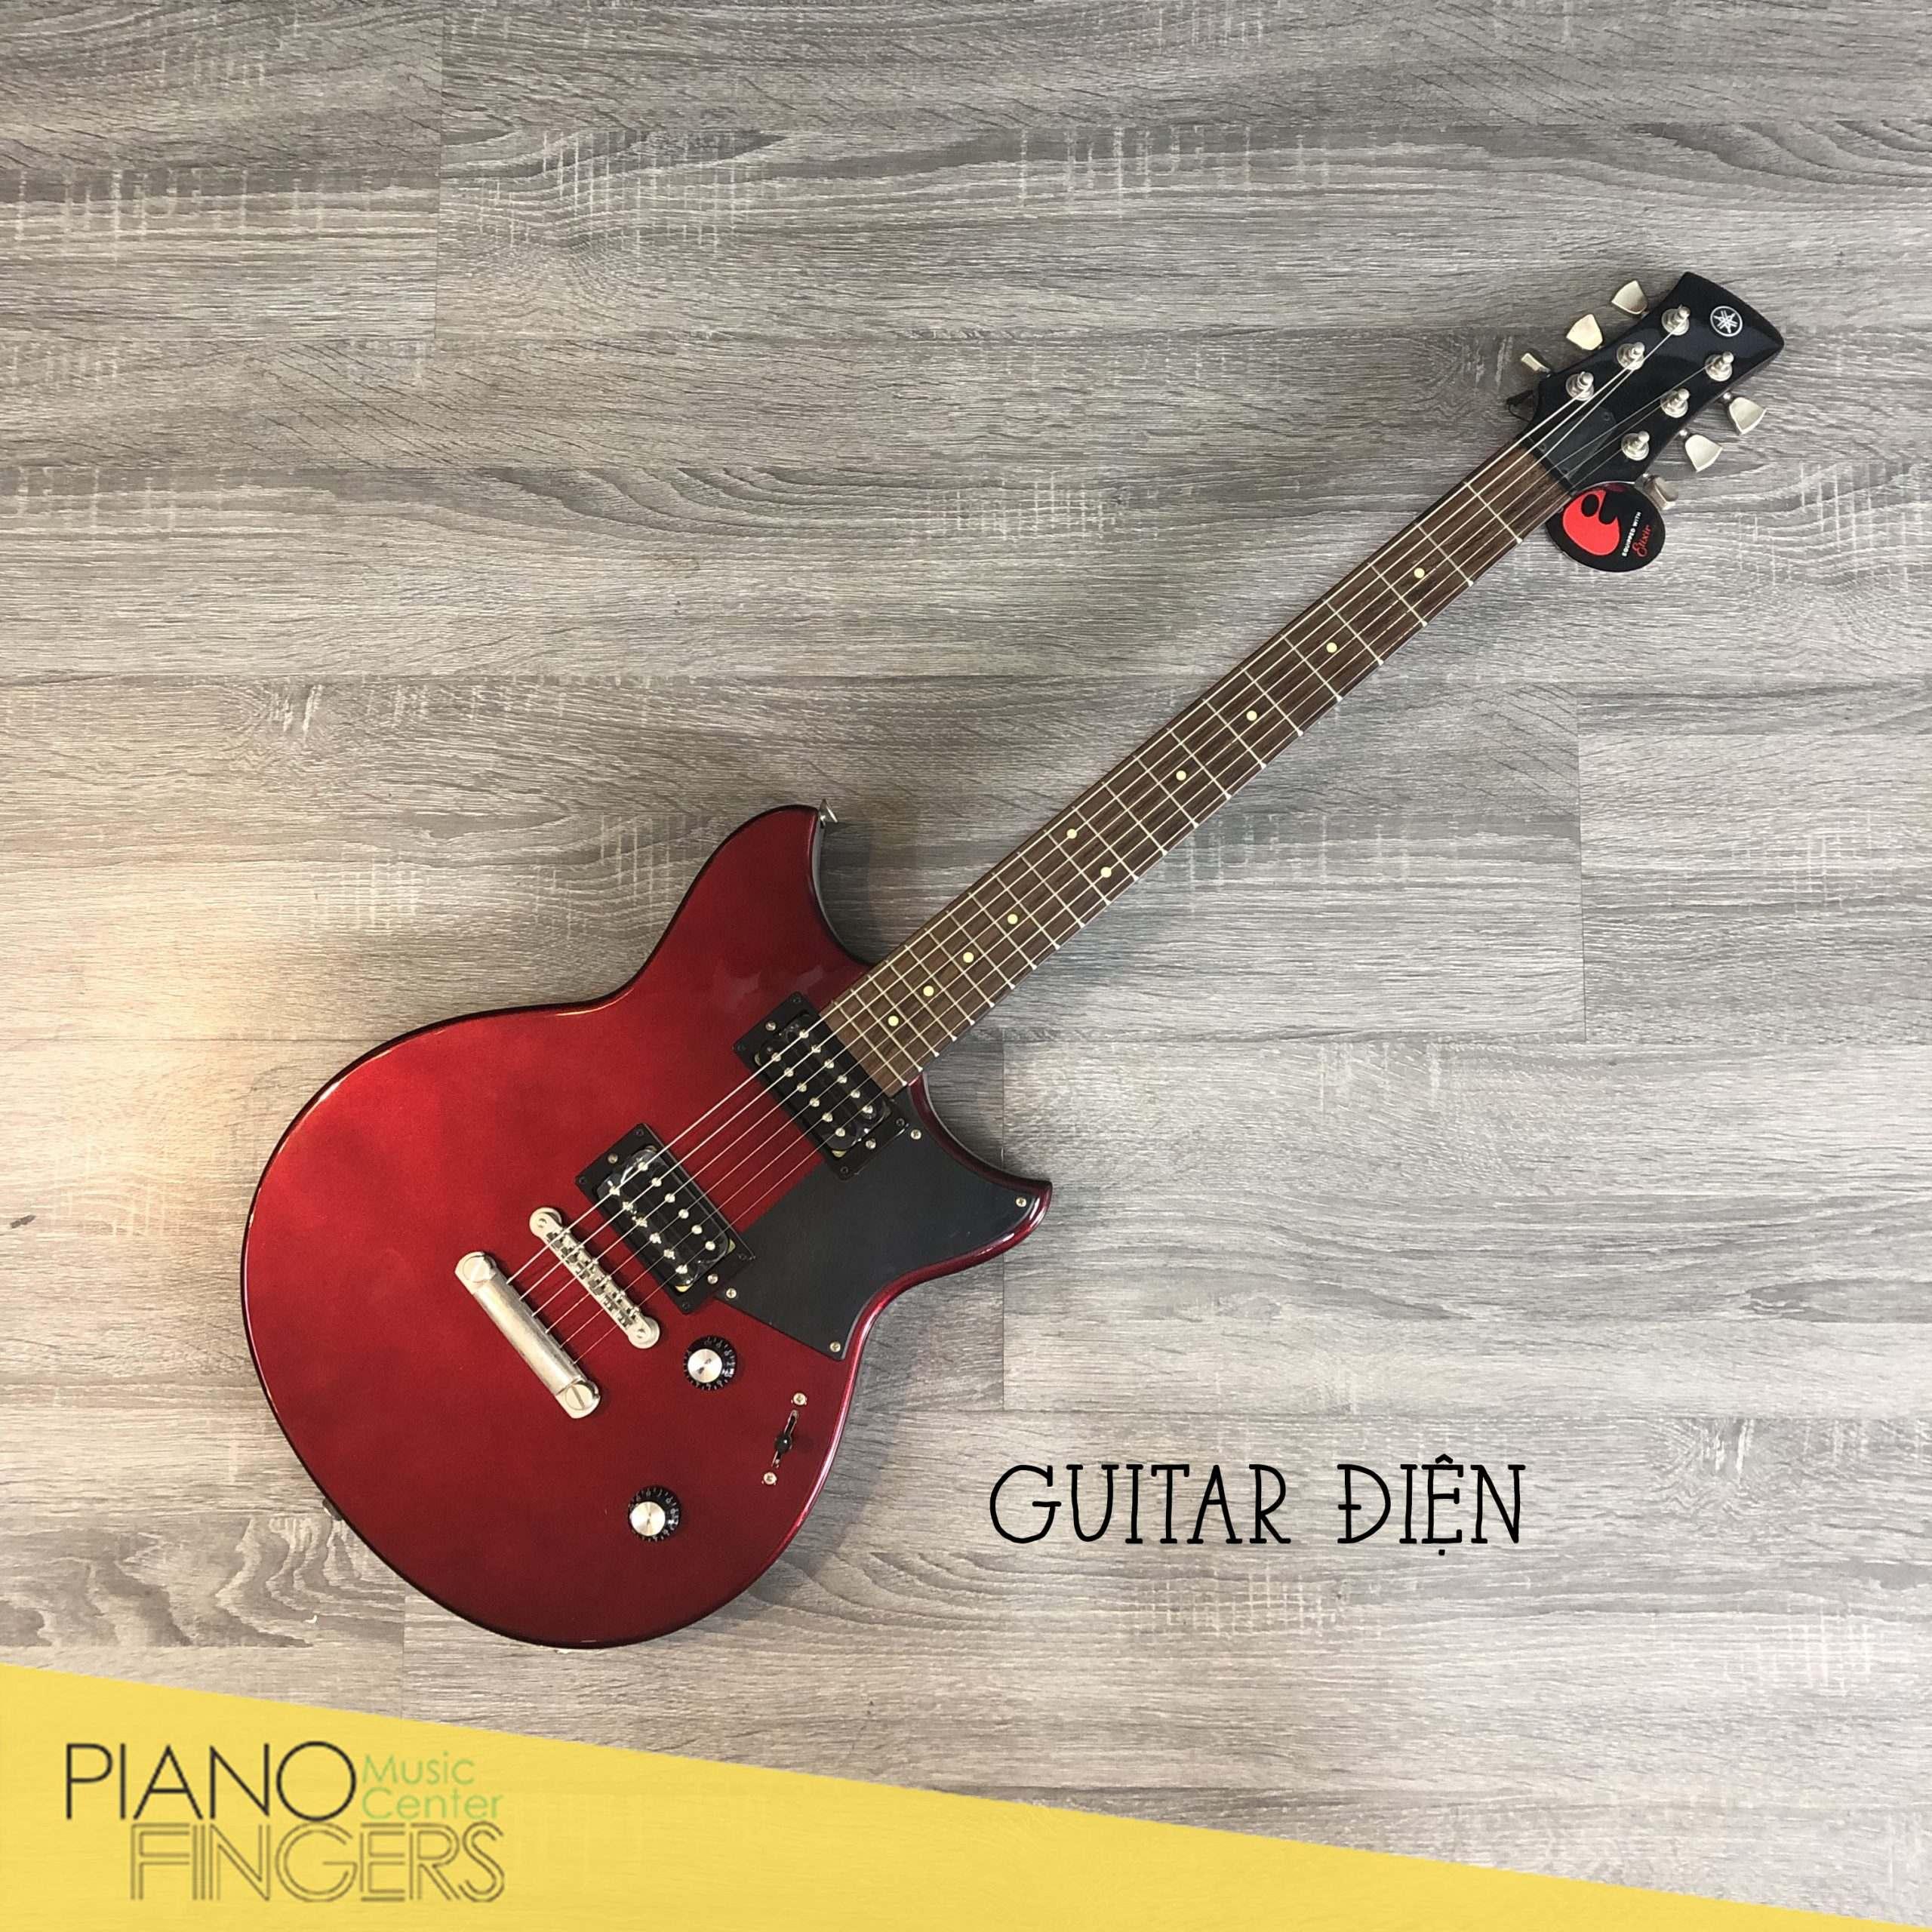 dan-guitar-gia-re-tphcm-3